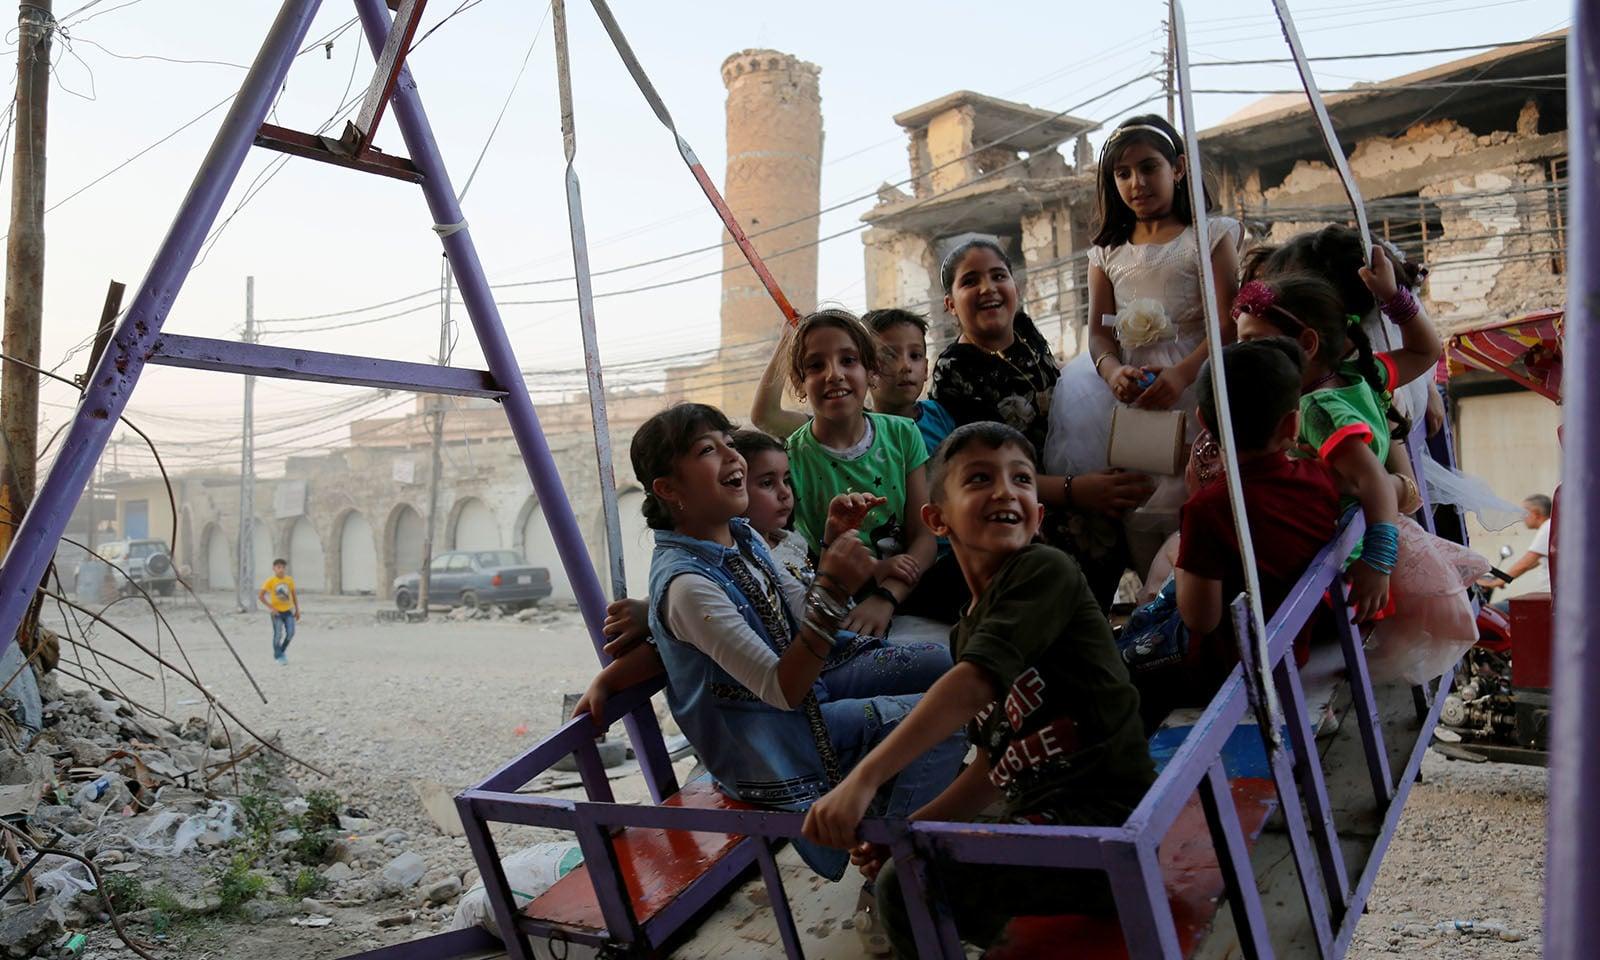 شام میں بچے عید کے موقع پر جھولوں سے لطف اندوز ہوتے ہوئے—تصویر:اے ایف پی